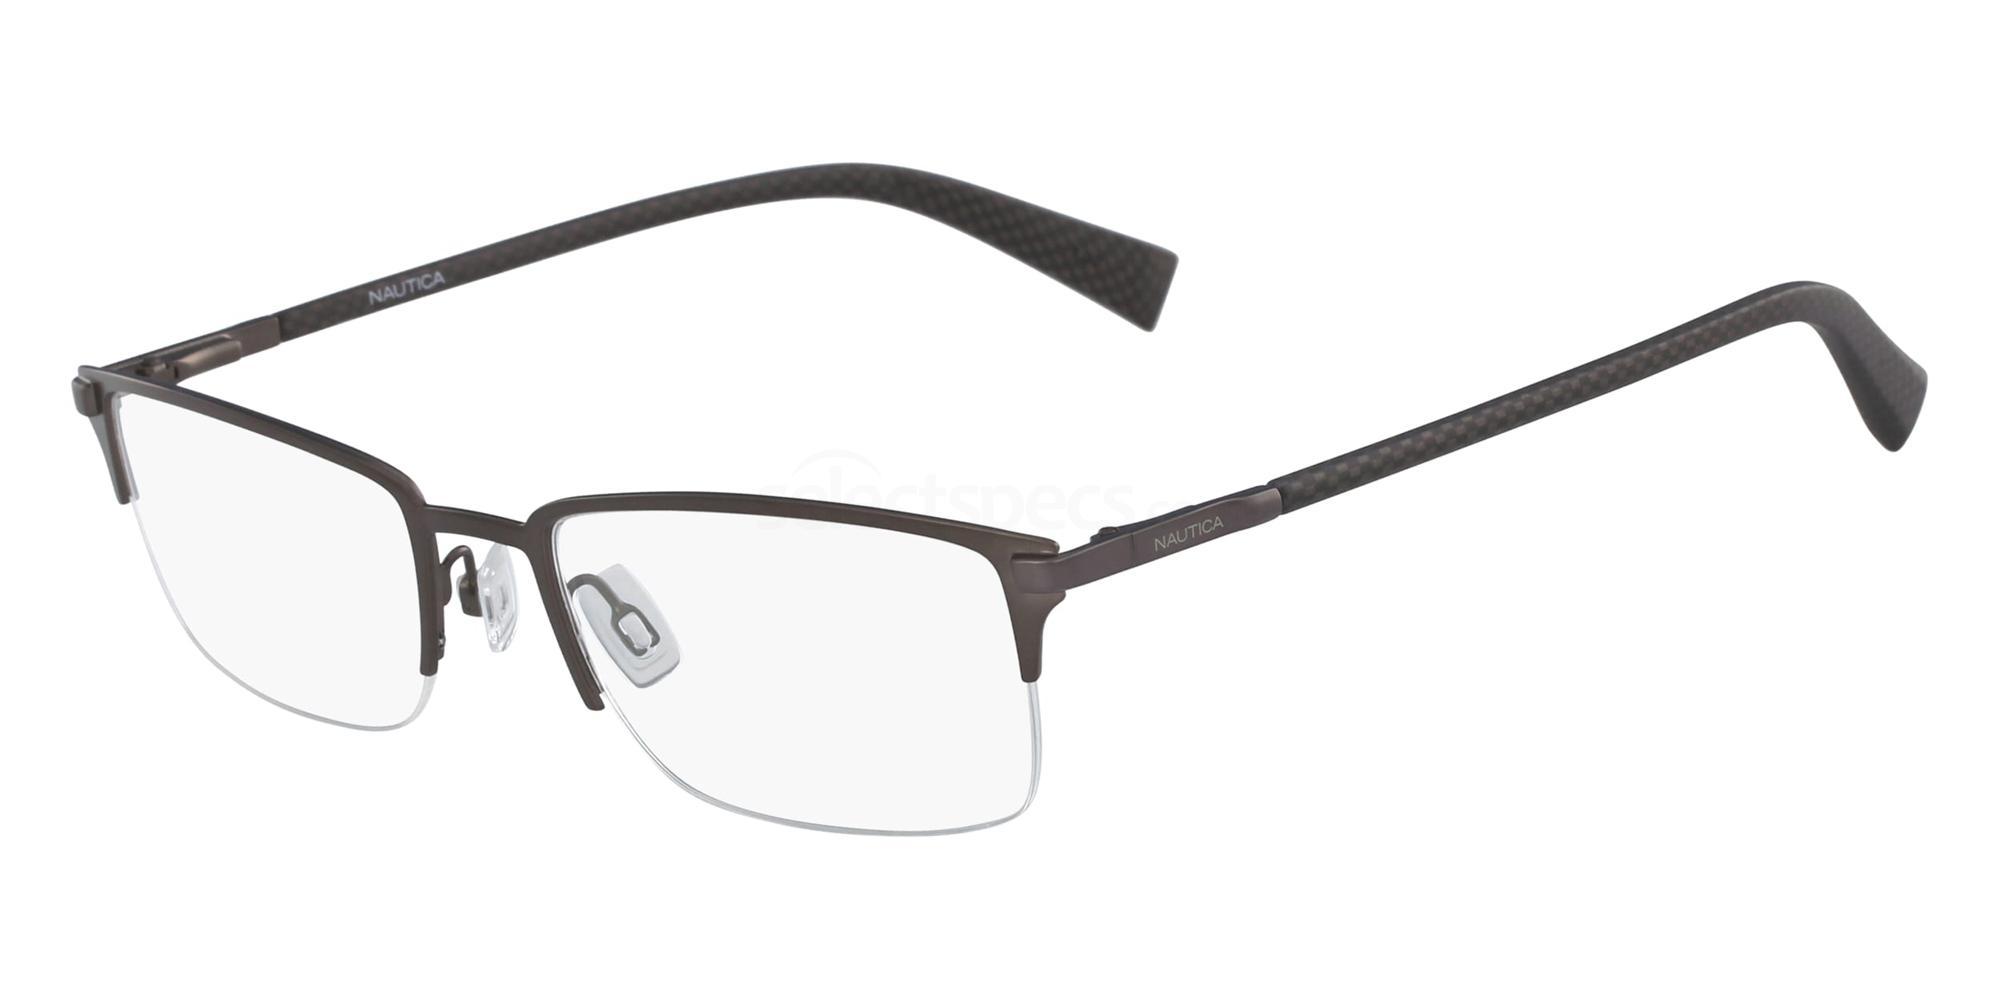 237 N7281 Glasses, Nautica